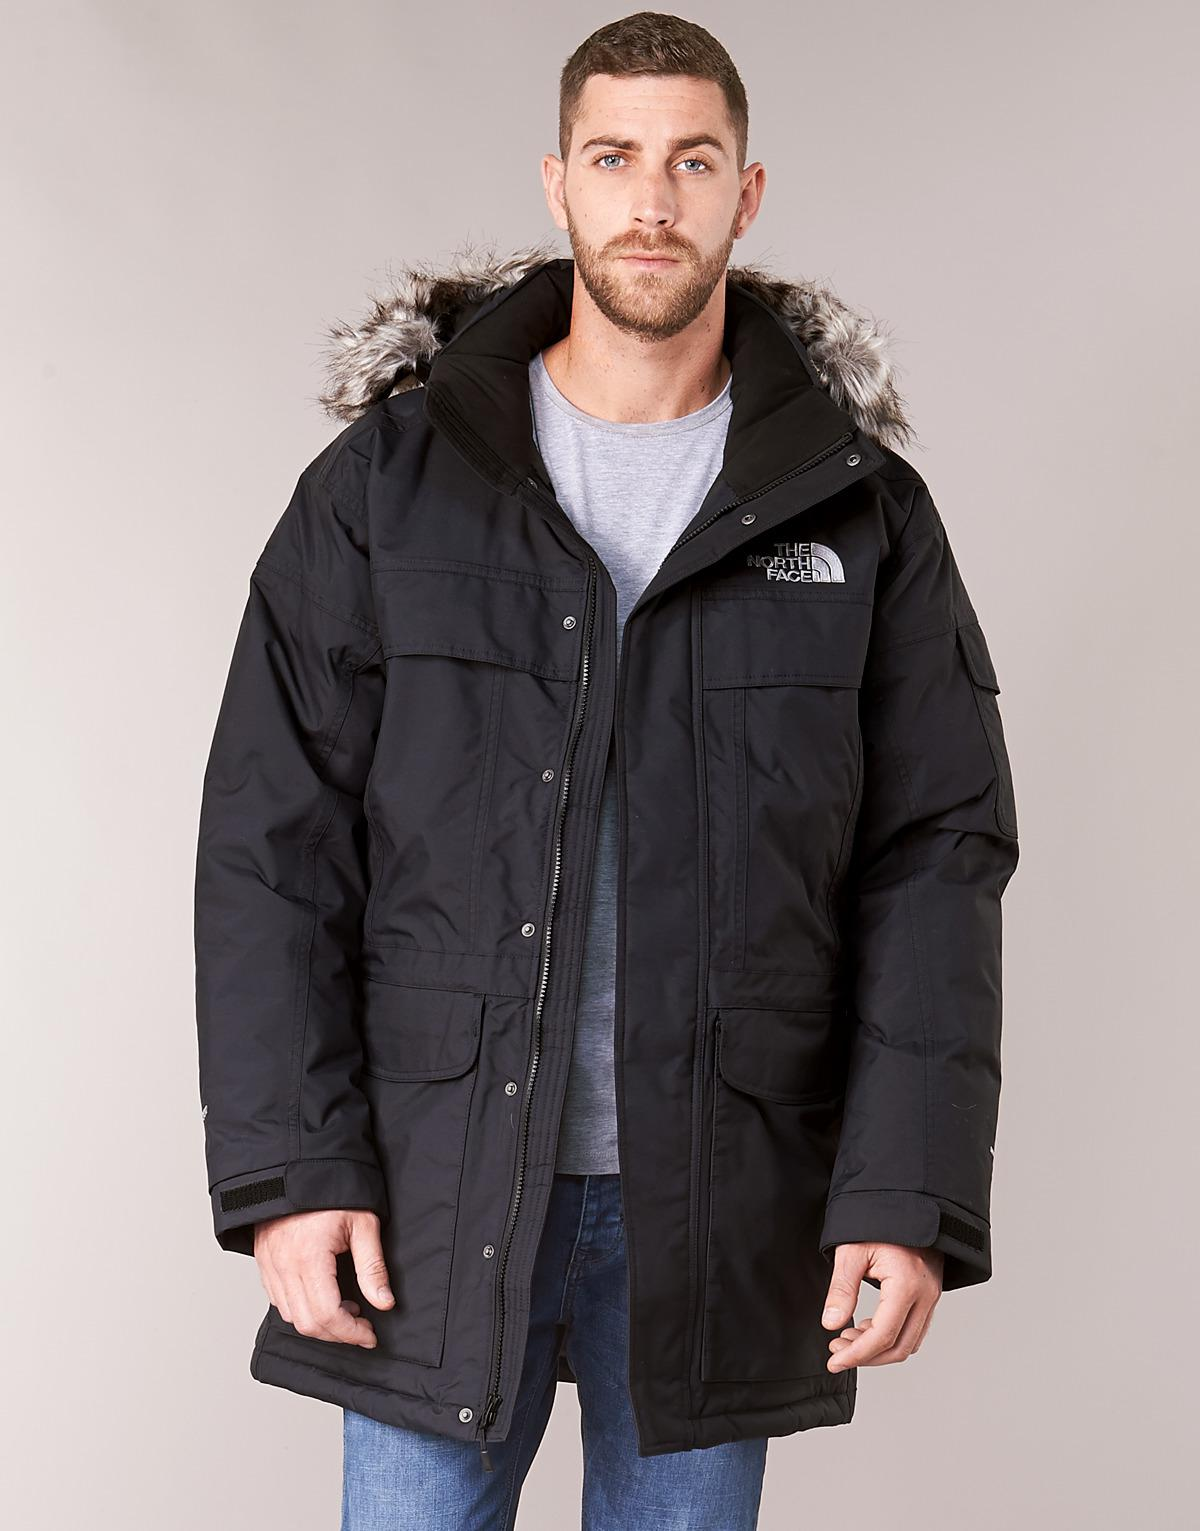 5c4ffc3595 Lyst - MCMURDO hommes Parka en Noir The North Face pour homme en coloris  Noir - 30 % de réduction